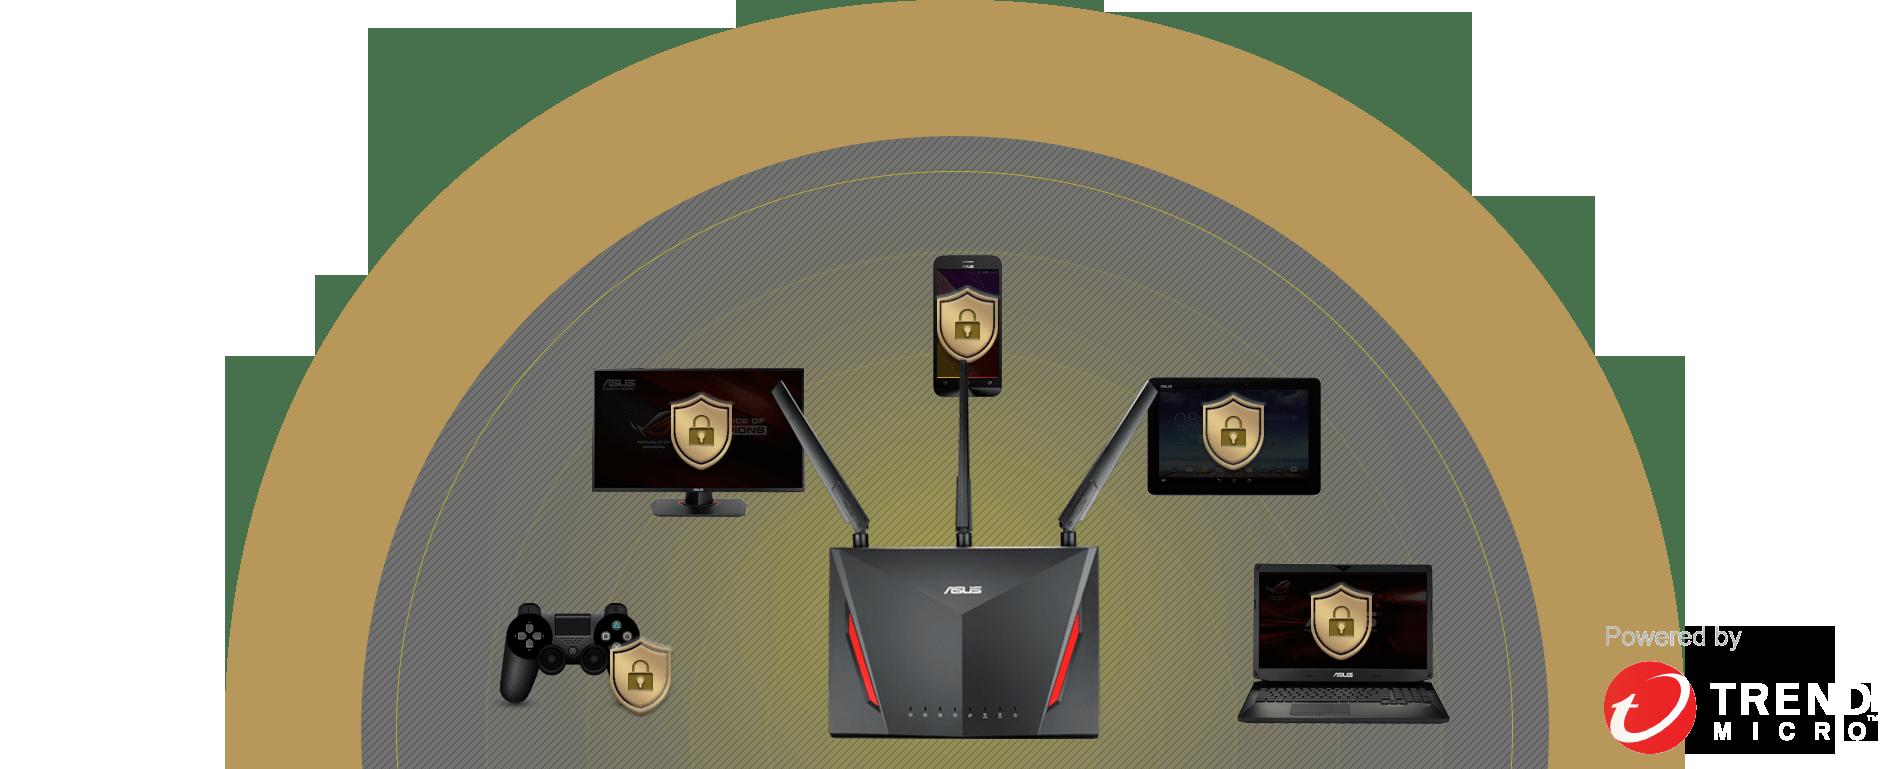 Der ASUS-RT-AC86U-Router ist mit AiProtection ausgestattet und ermöglicht einen sicheren Internetzugriff für alle verbundenen Geräte